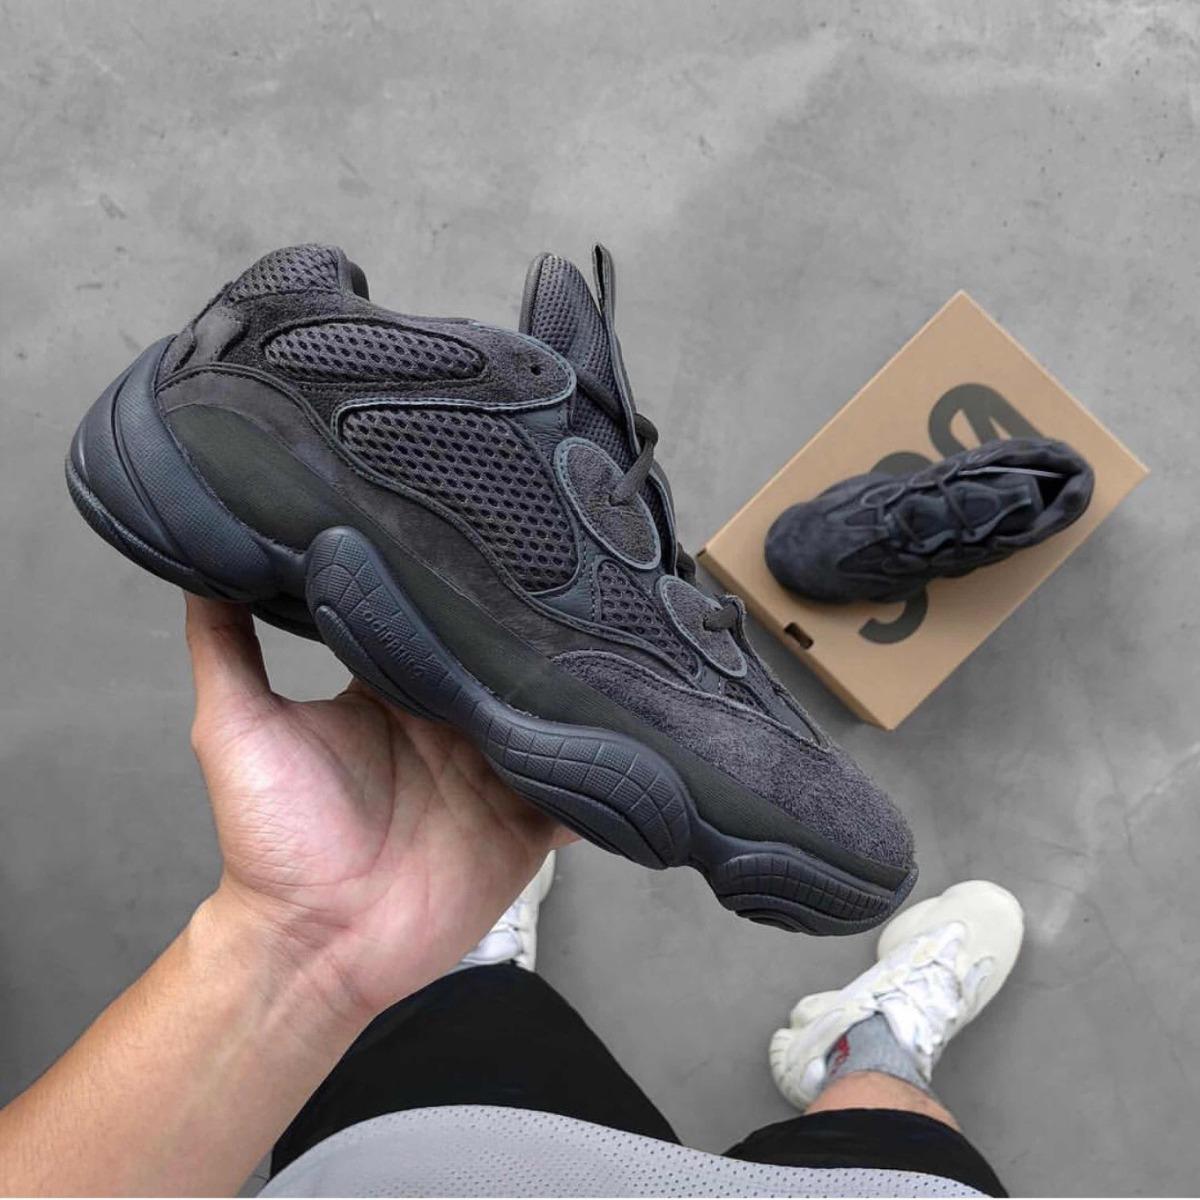 comerciante Frustrante escucho música  yeezy 500 mercado libre - Tienda Online de Zapatos, Ropa y Complementos de  marca